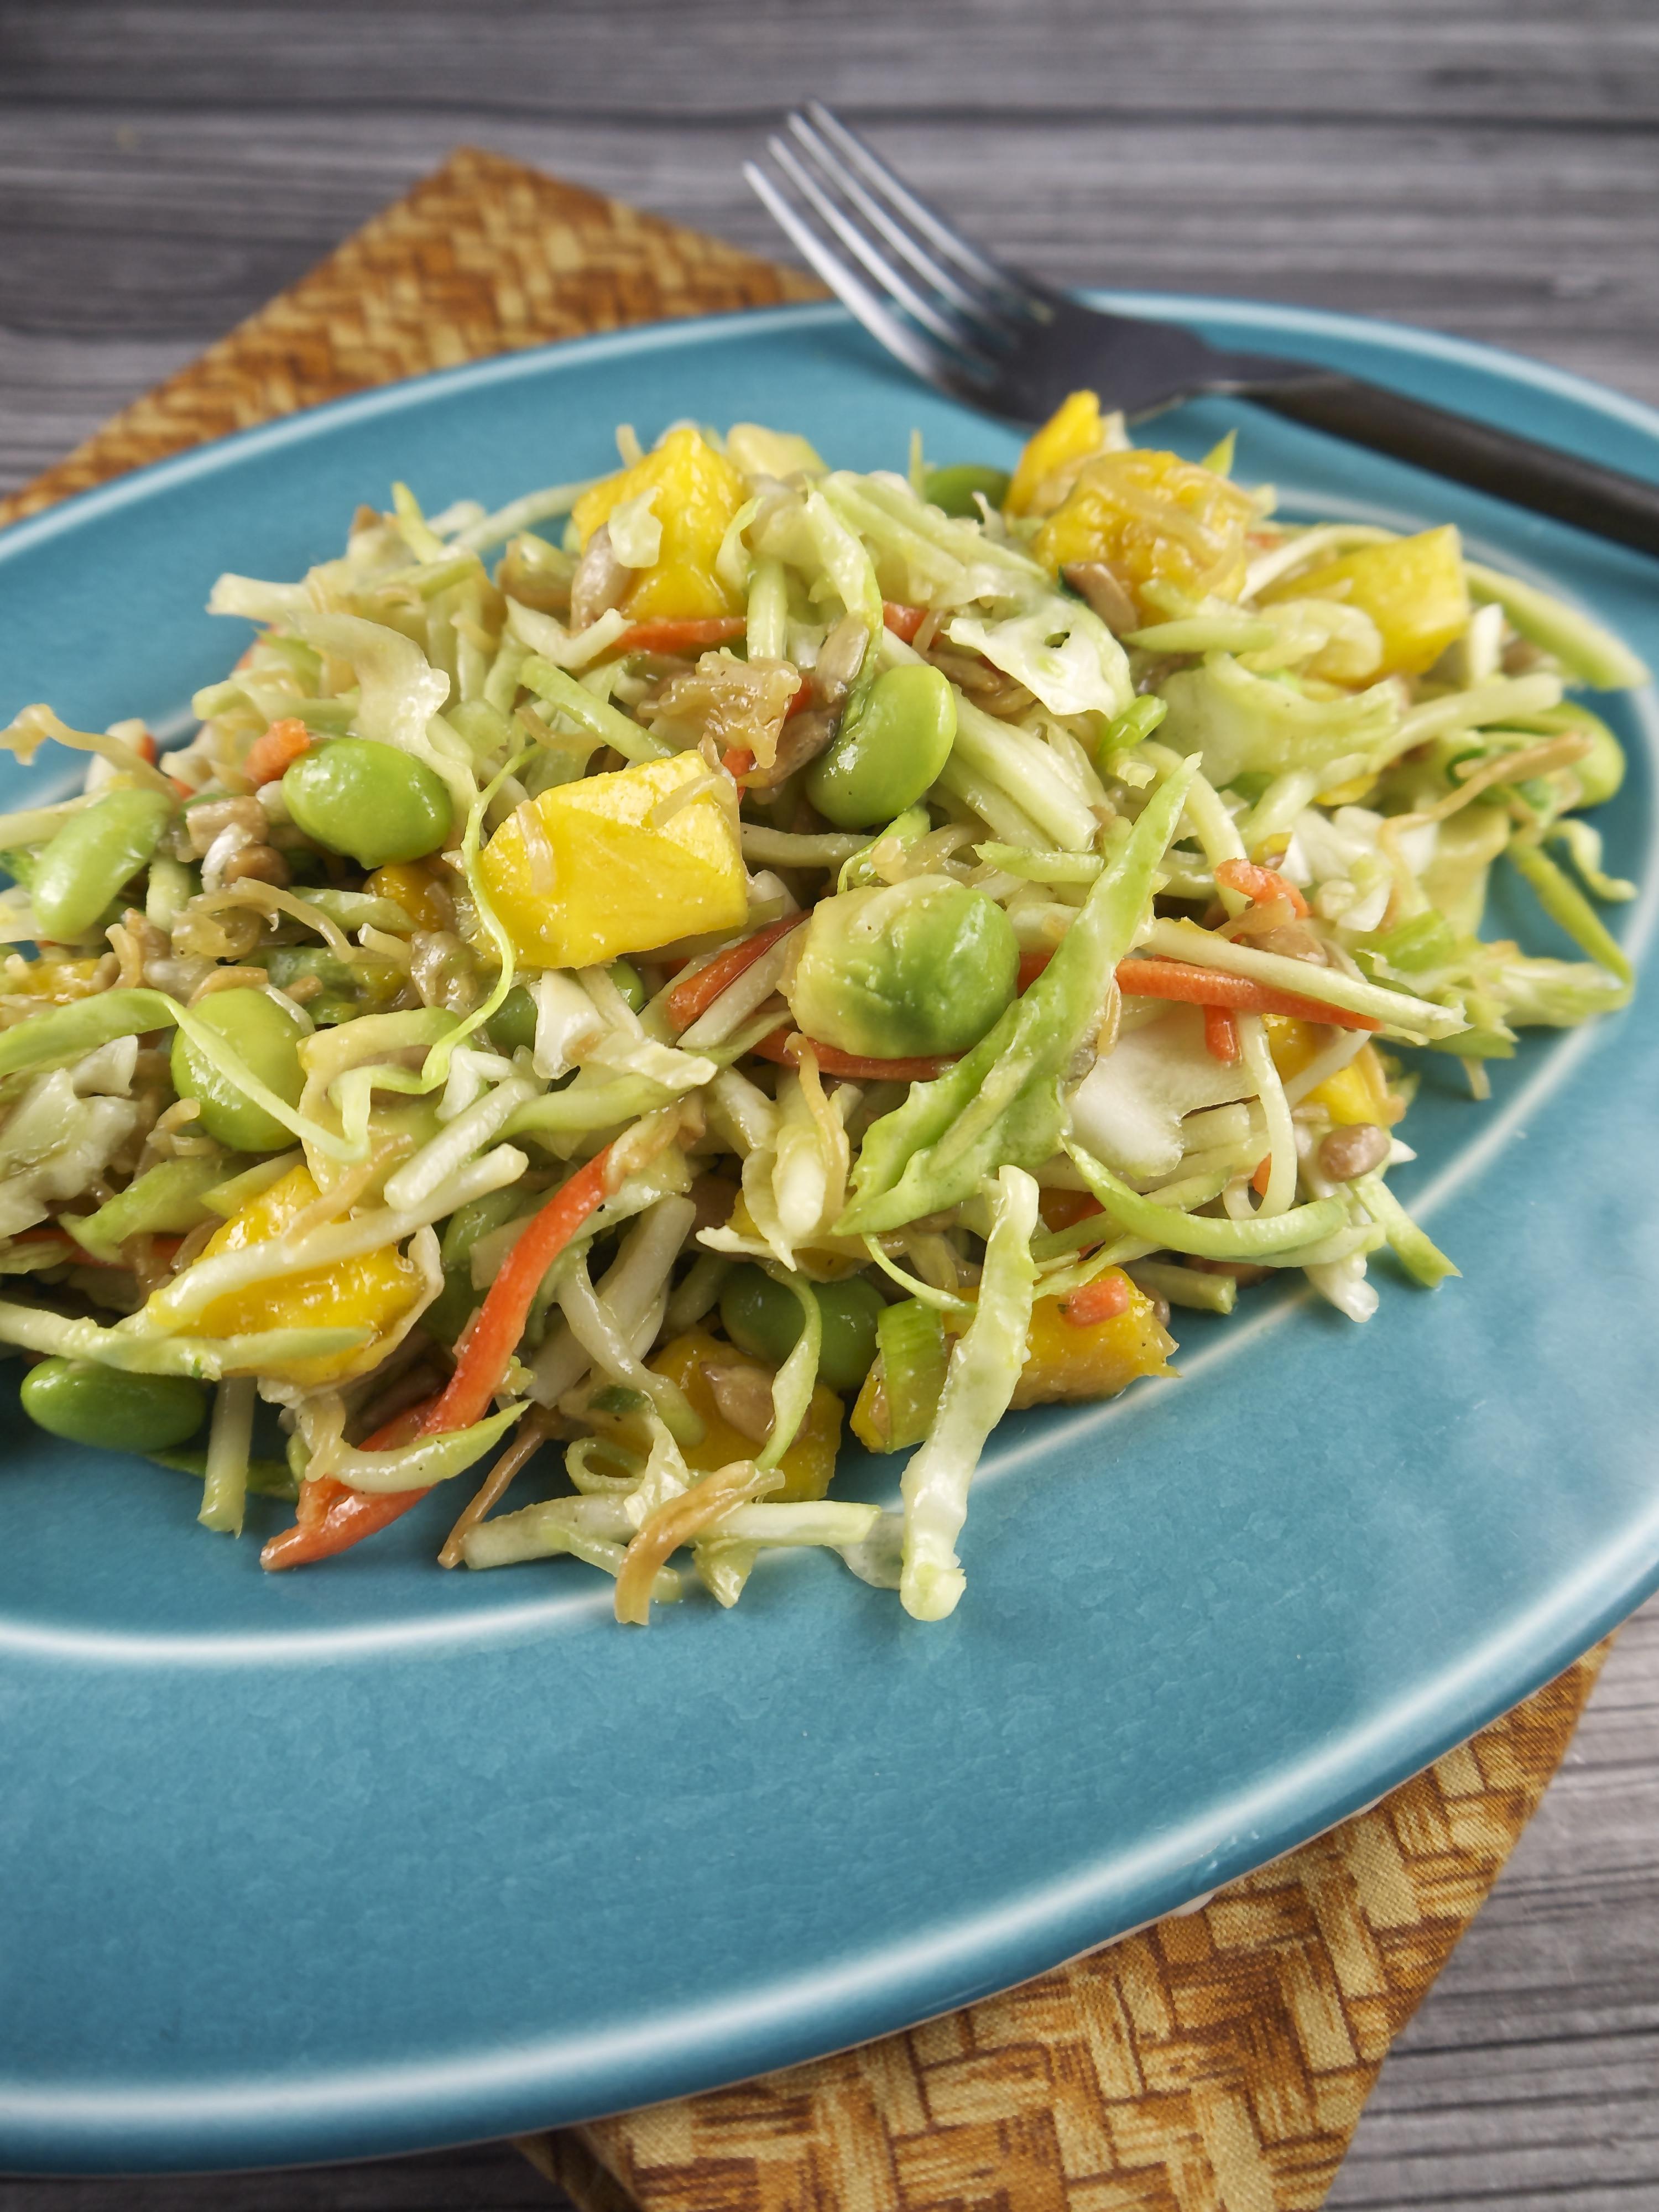 Ramen Noodles Healthy  Healthy Ramen Noodle Salad